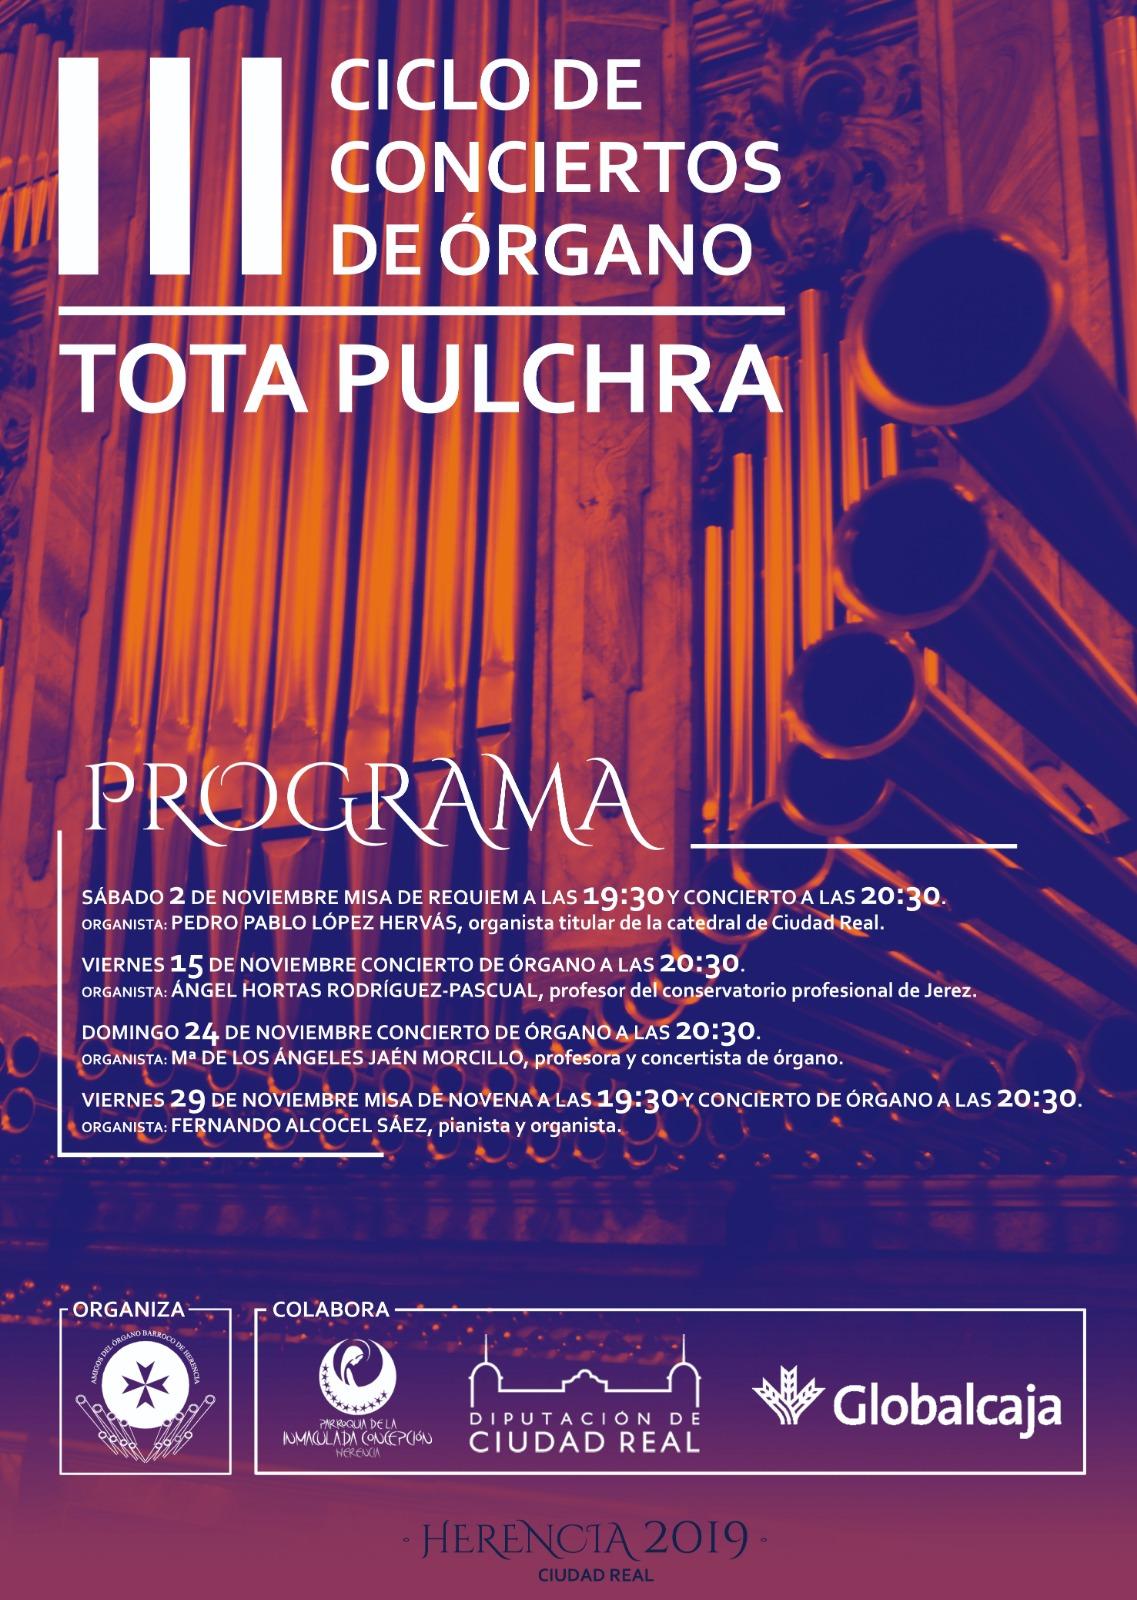 Comienza el III Ciclo de conciertos de órgano en Herencia 3